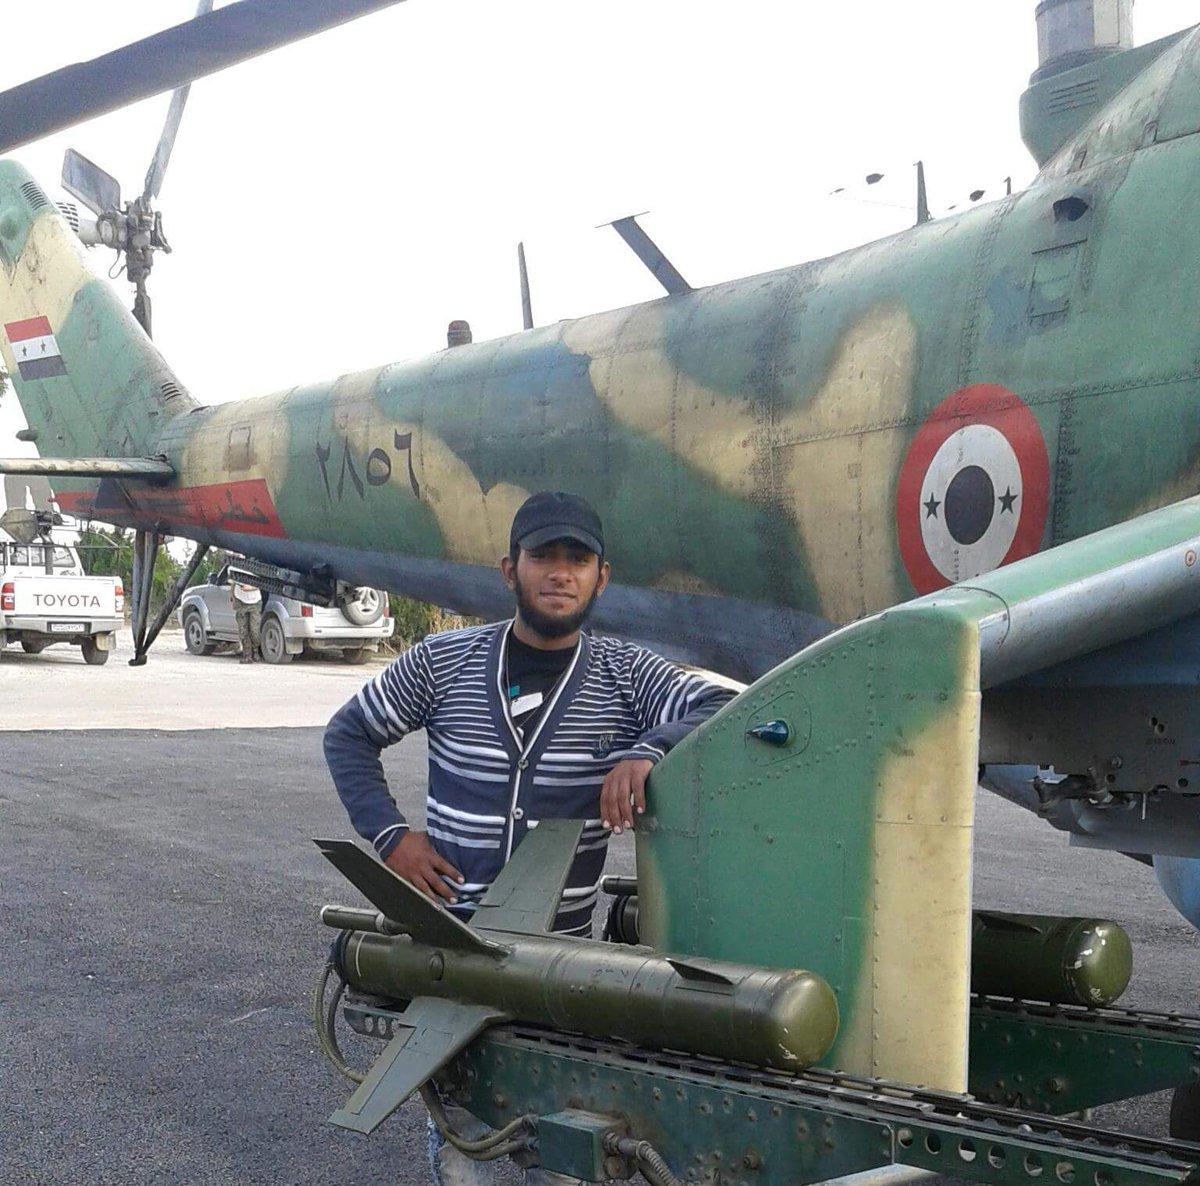 القوات الجويه السوريه .....دورها في الحرب القائمه  - صفحة 2 ClGTEOEWAAAr0-r